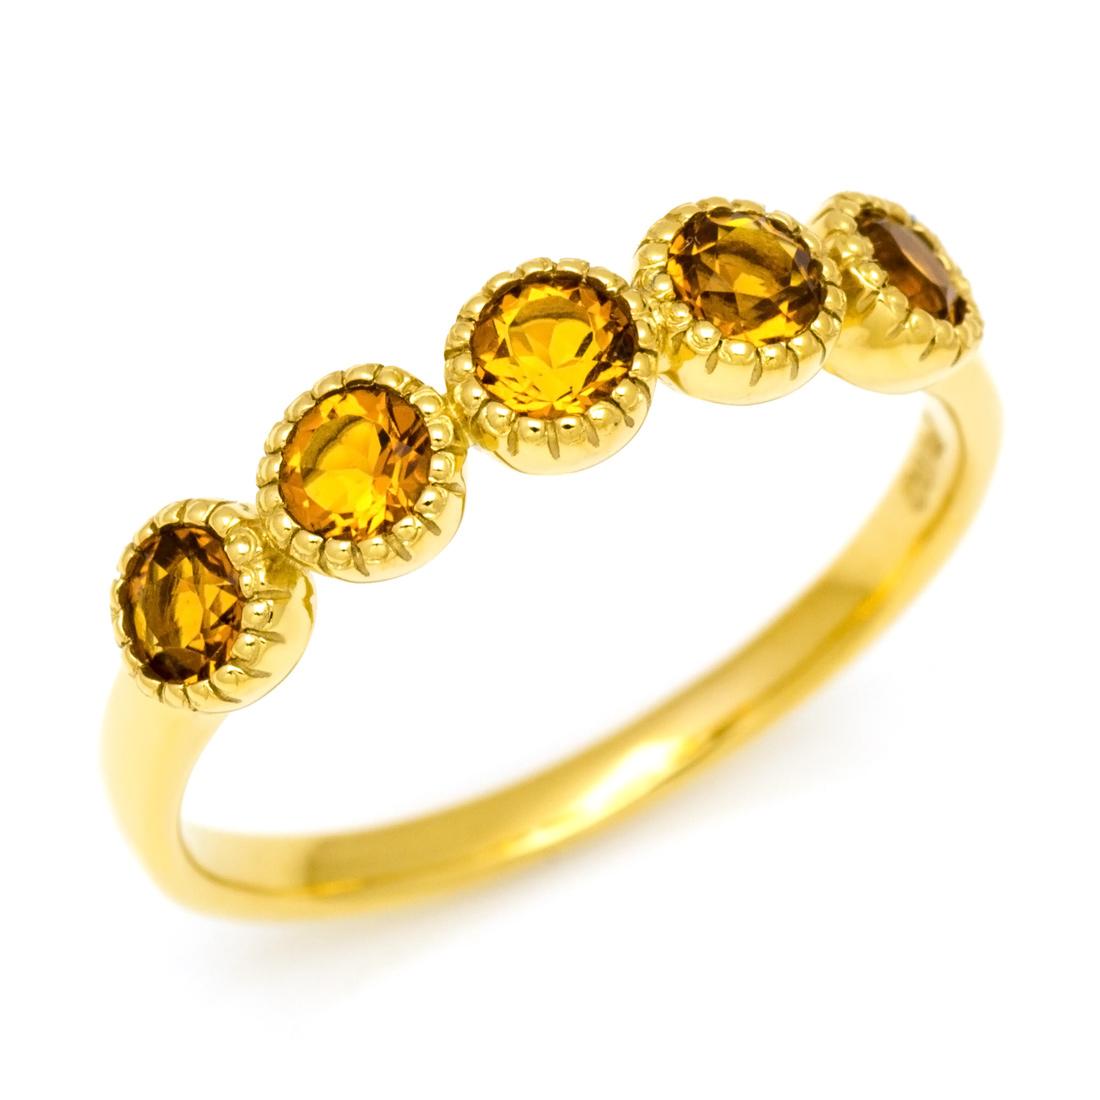 K18 シトリン リング 「fiorente」 指輪 ゴールド 18K 18金 ミル打ち 誕生日 11月誕生石 刻印 文字入れ メッセージ ギフト 贈り物 ピンキーリング対応可能